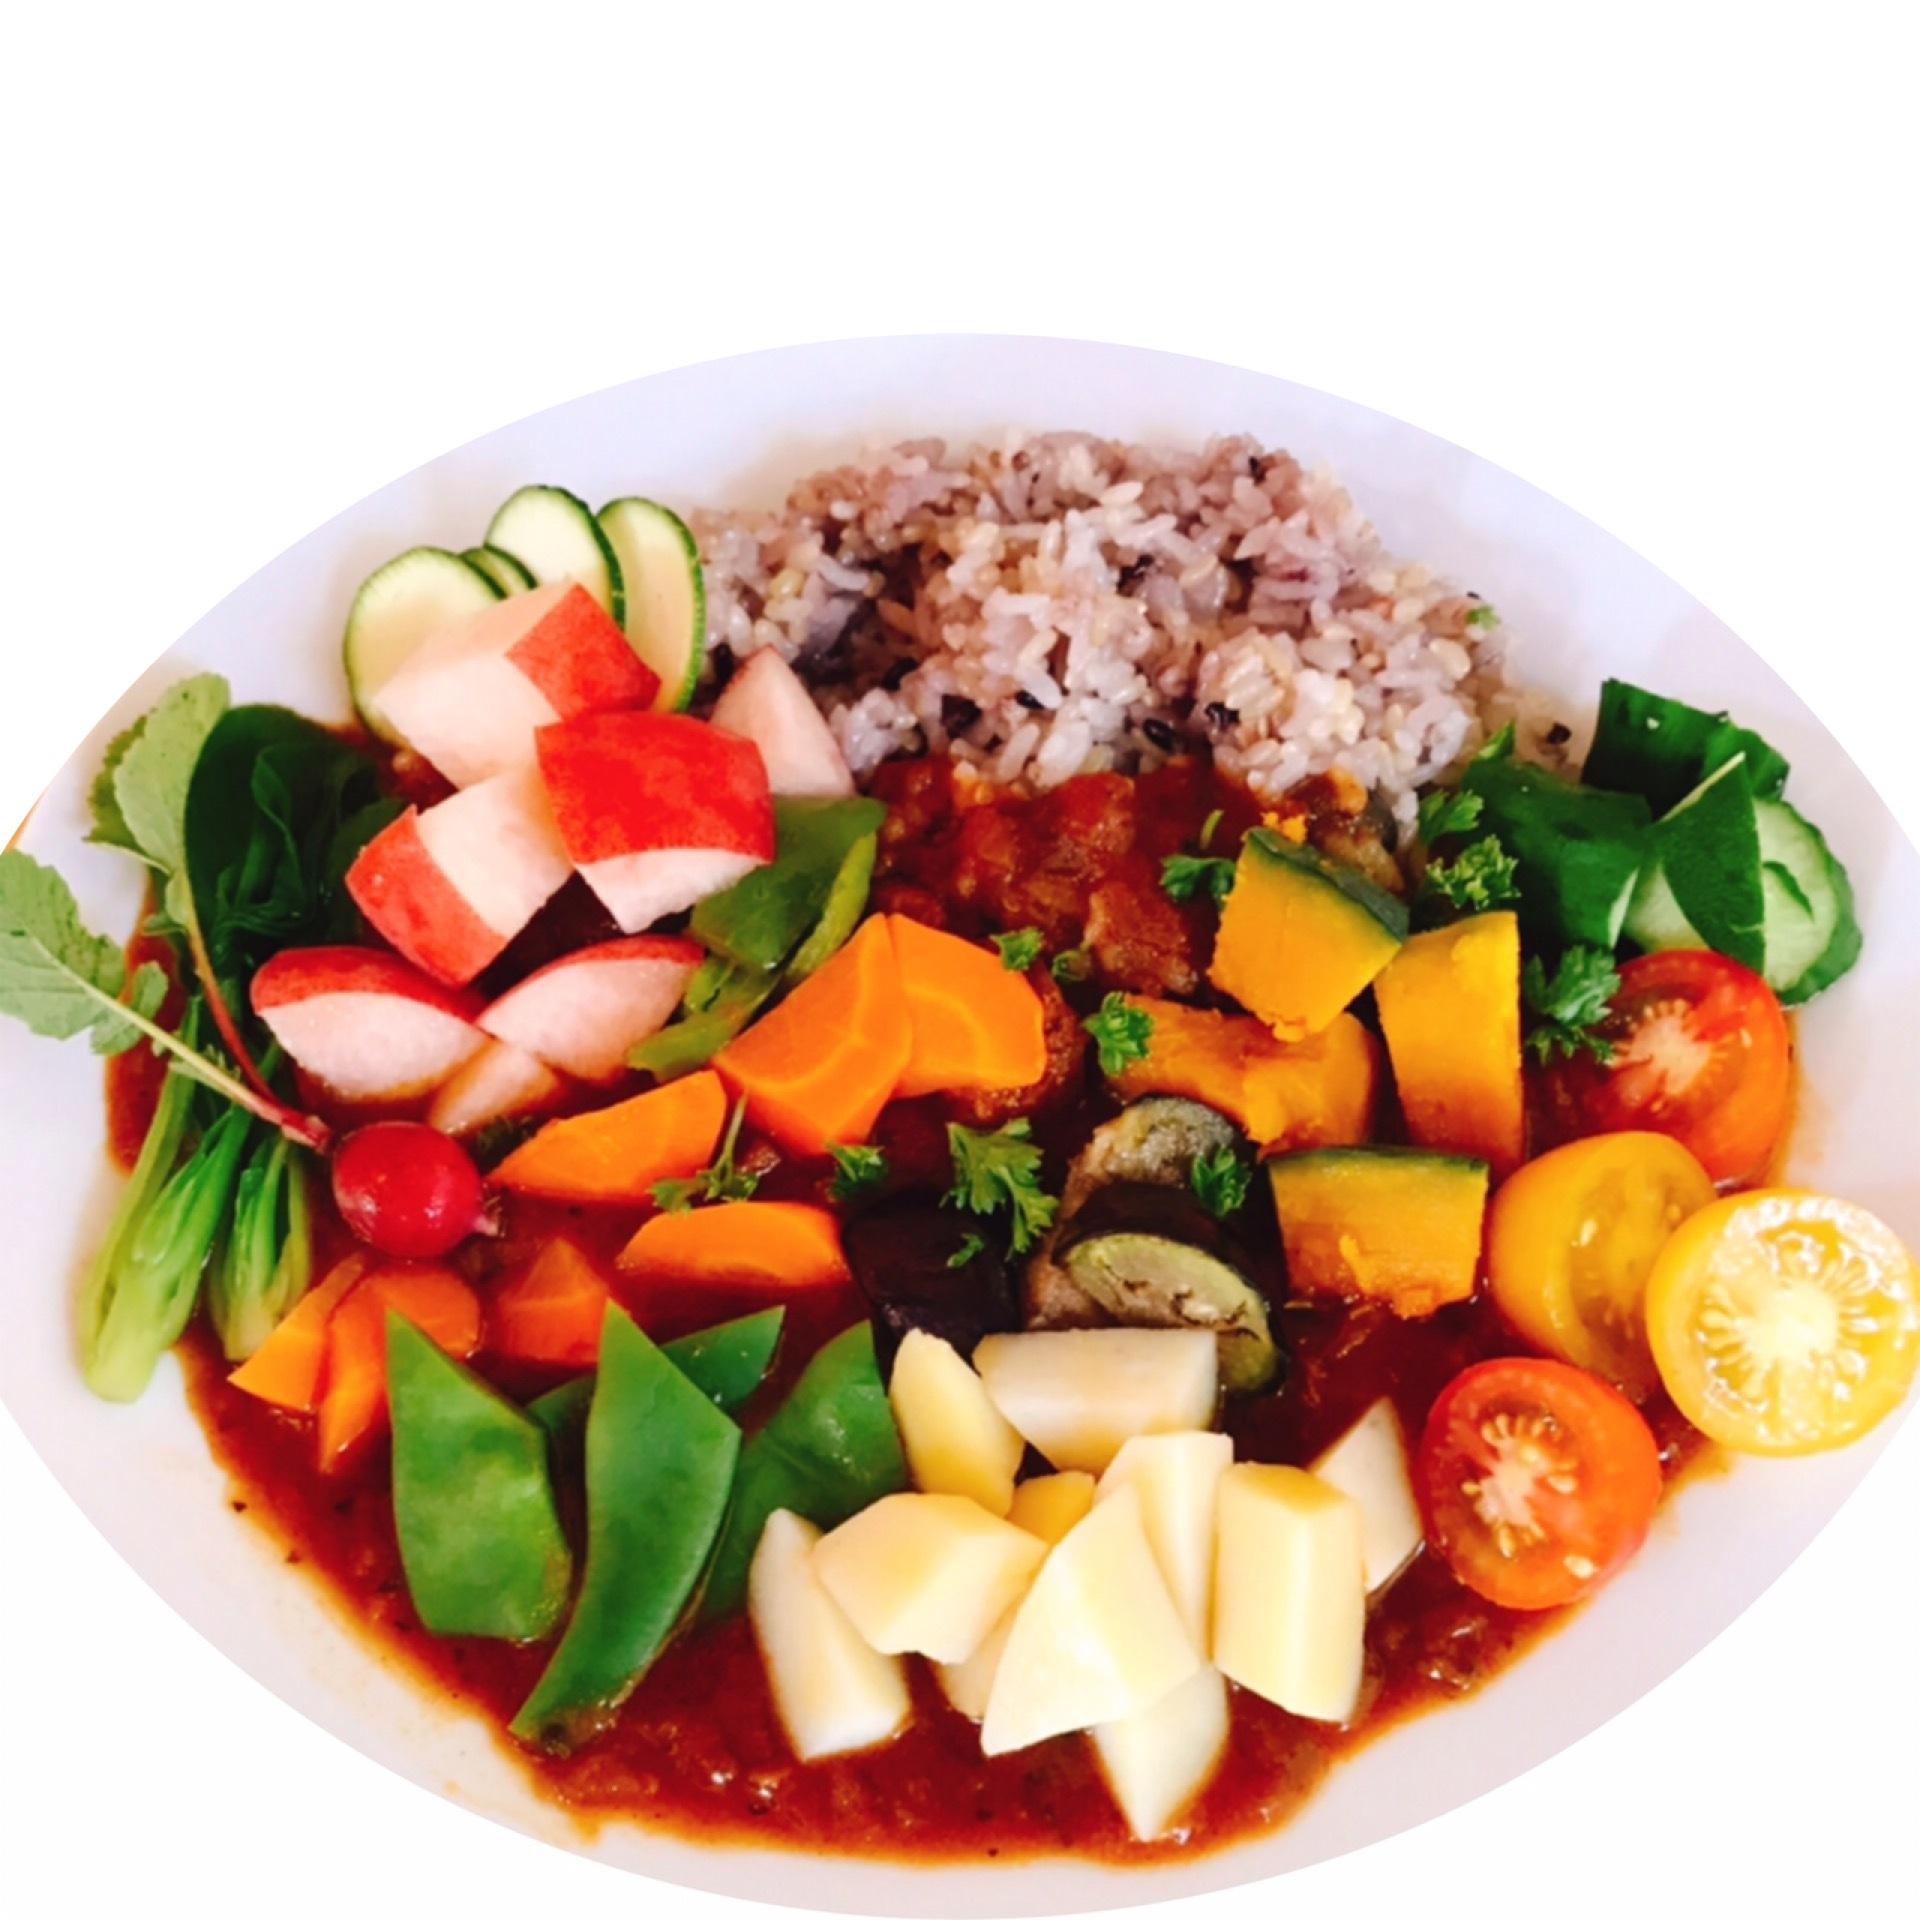 野菜ランチ_a0263653_10403099.jpg